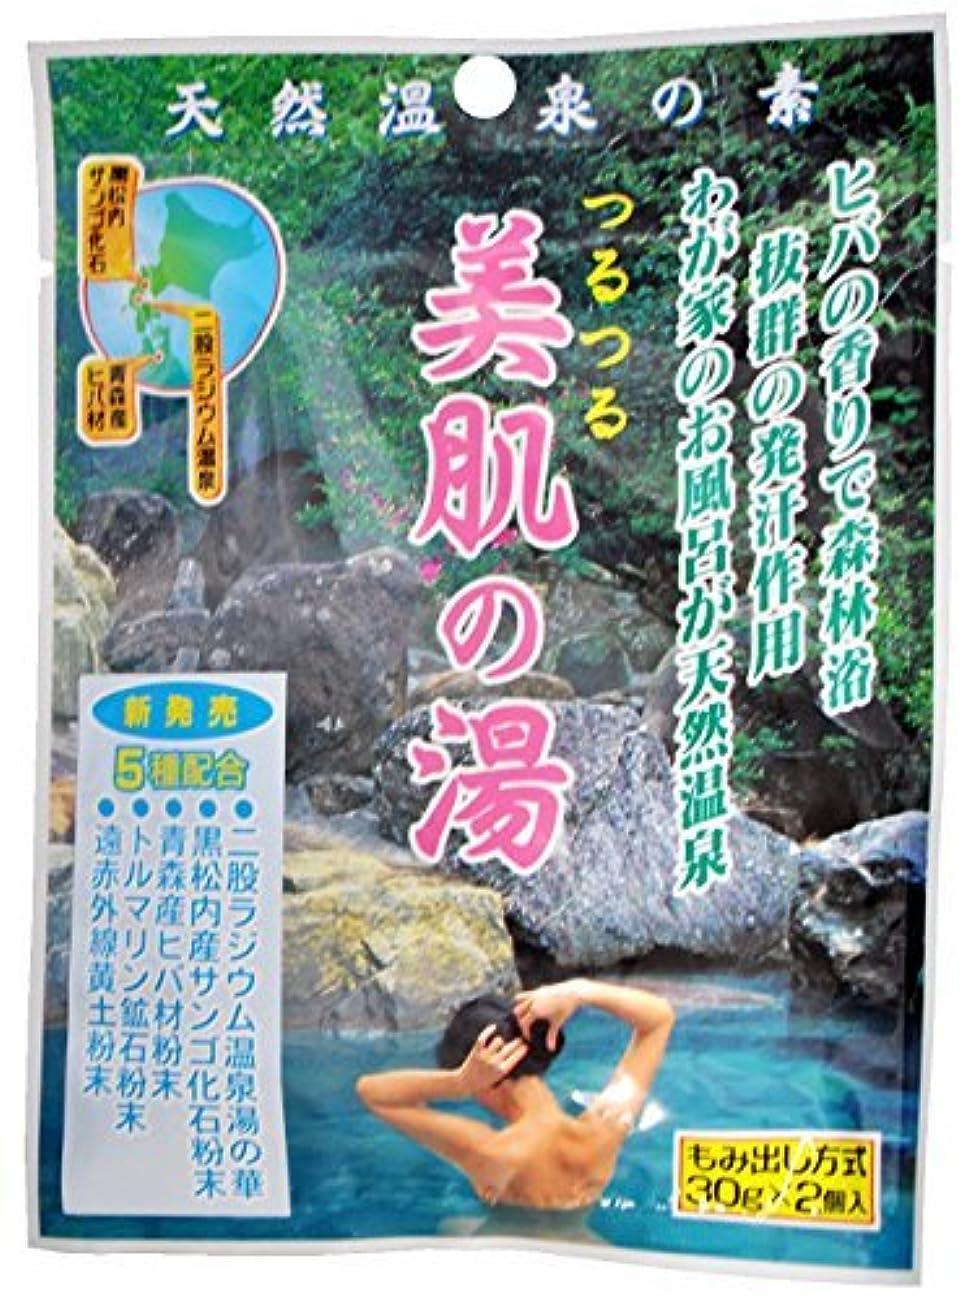 ファッションバイソンシャッフル【まとめ買い】天然成分入浴剤 つるつる 美肌の湯 2袋入 二股ラジウム温泉の湯の華 ×50個